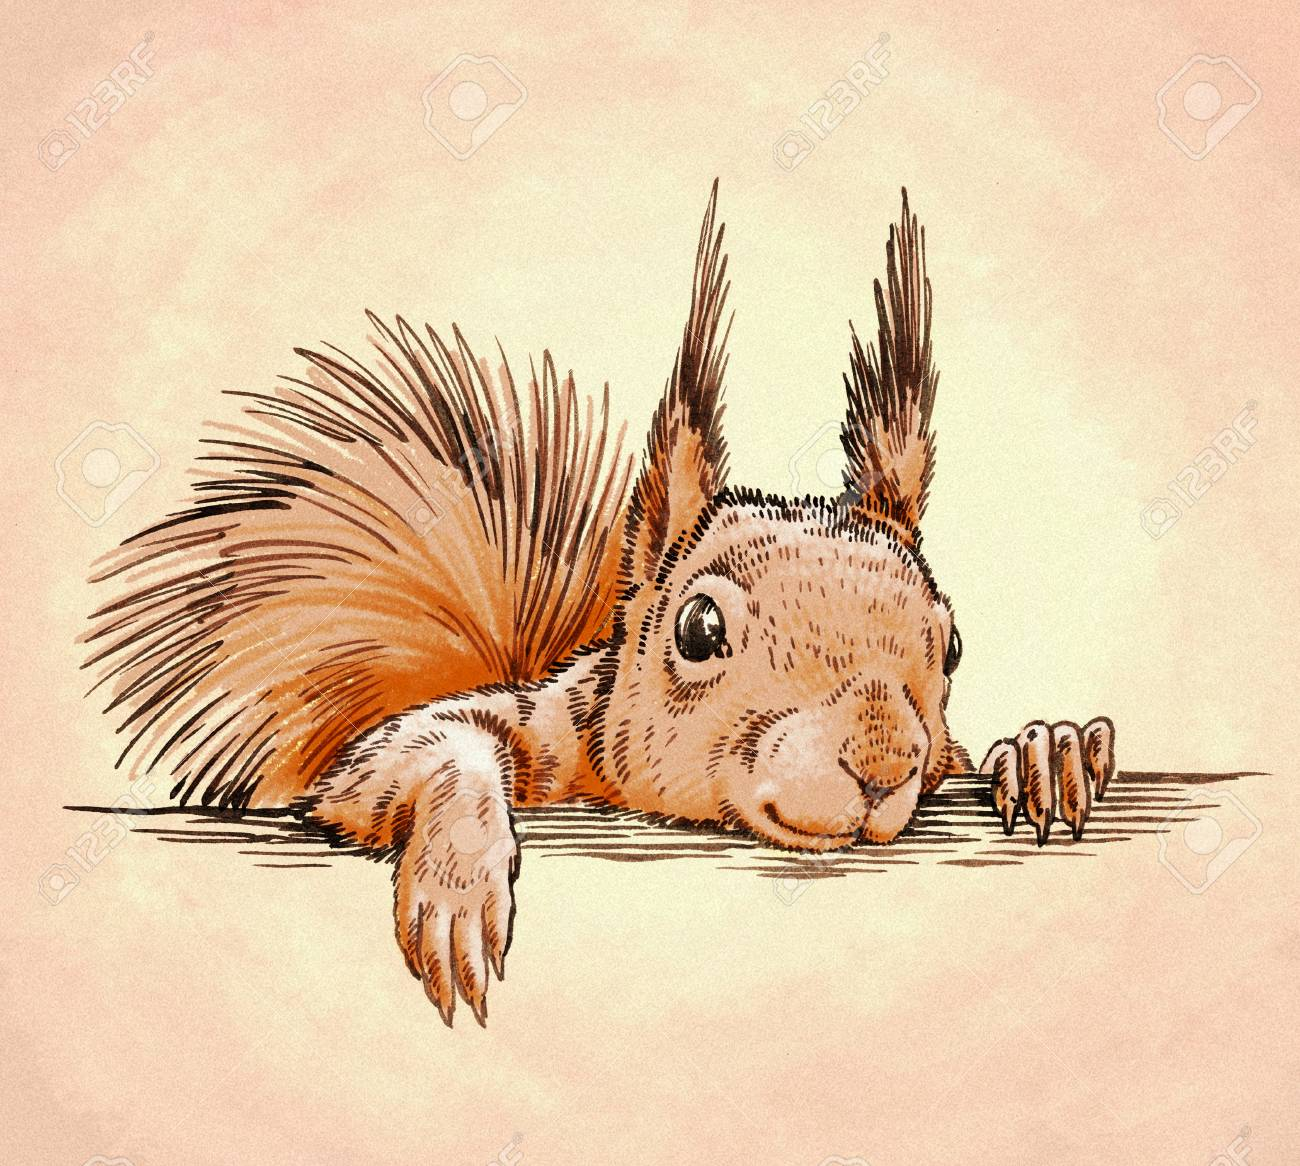 Farbe Gravieren Tinte Isoliert Eichhörnchen Abbildung Zeichnen